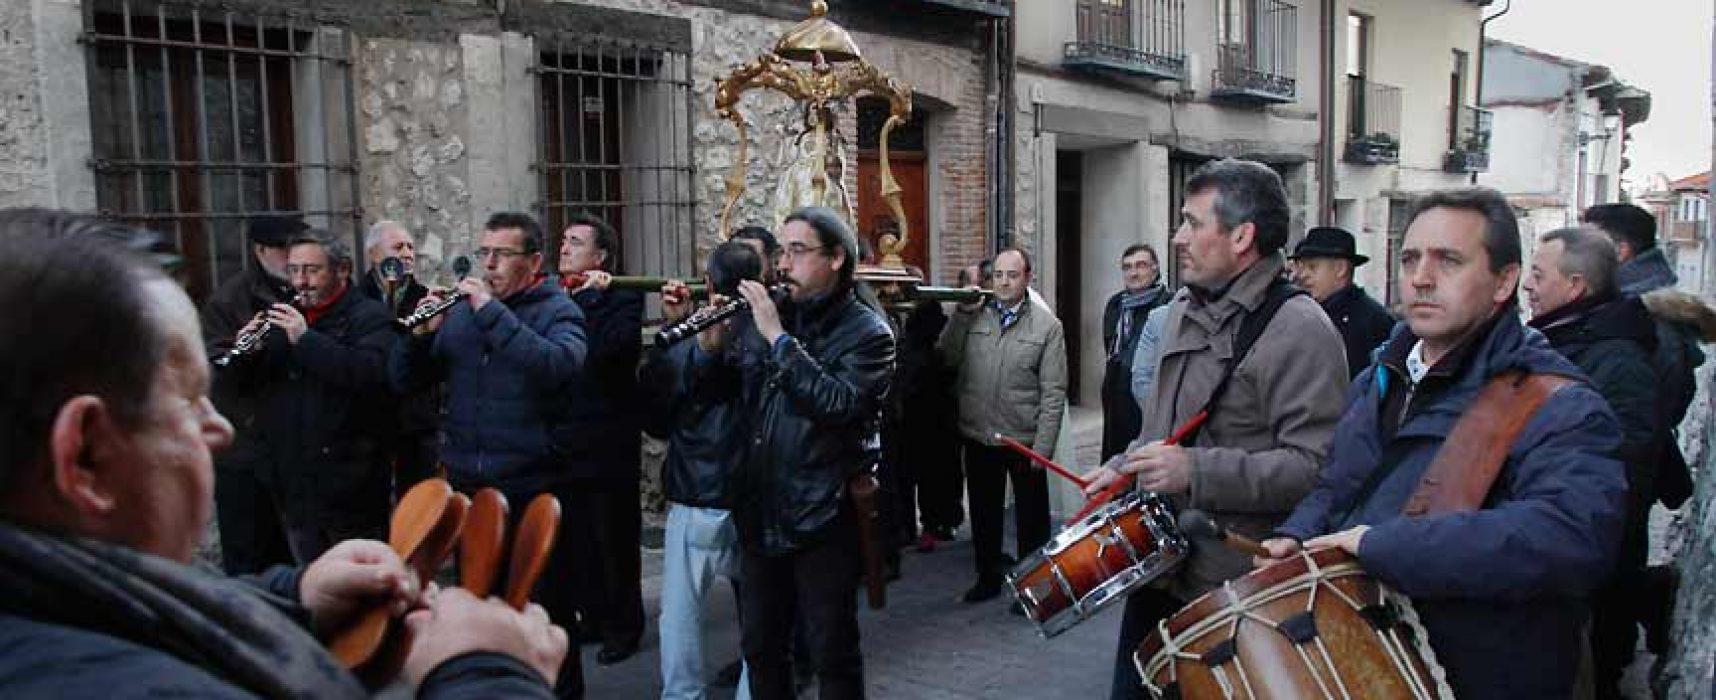 El Niño de la Bola volverá a recorrer las calles del conjunto histórico de Cuéllar